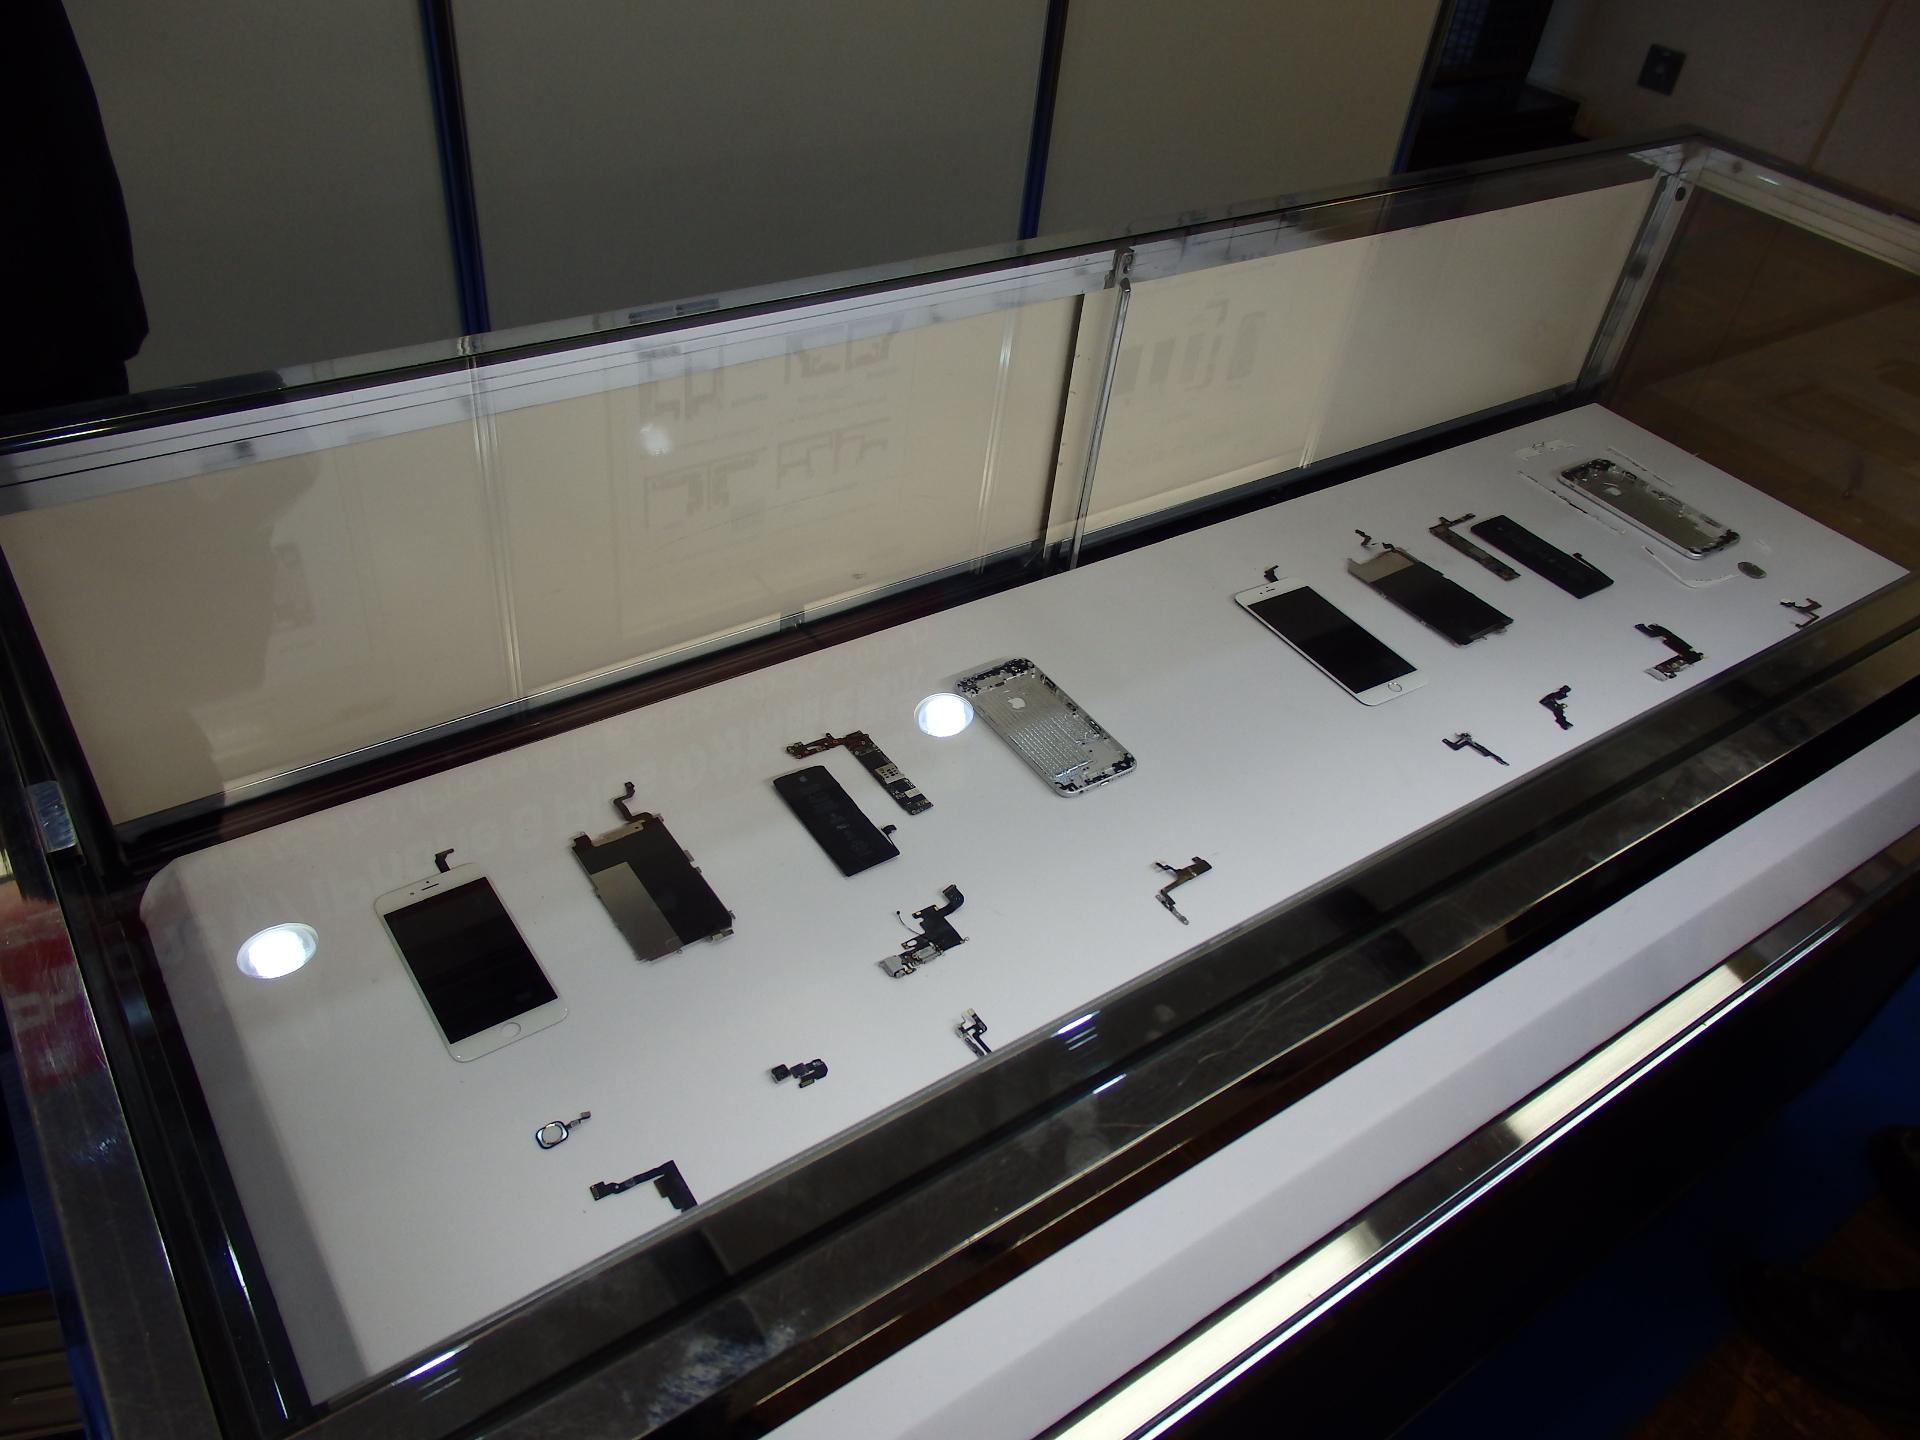 iPhone6とiPhone6プラスの分解サンプルです。